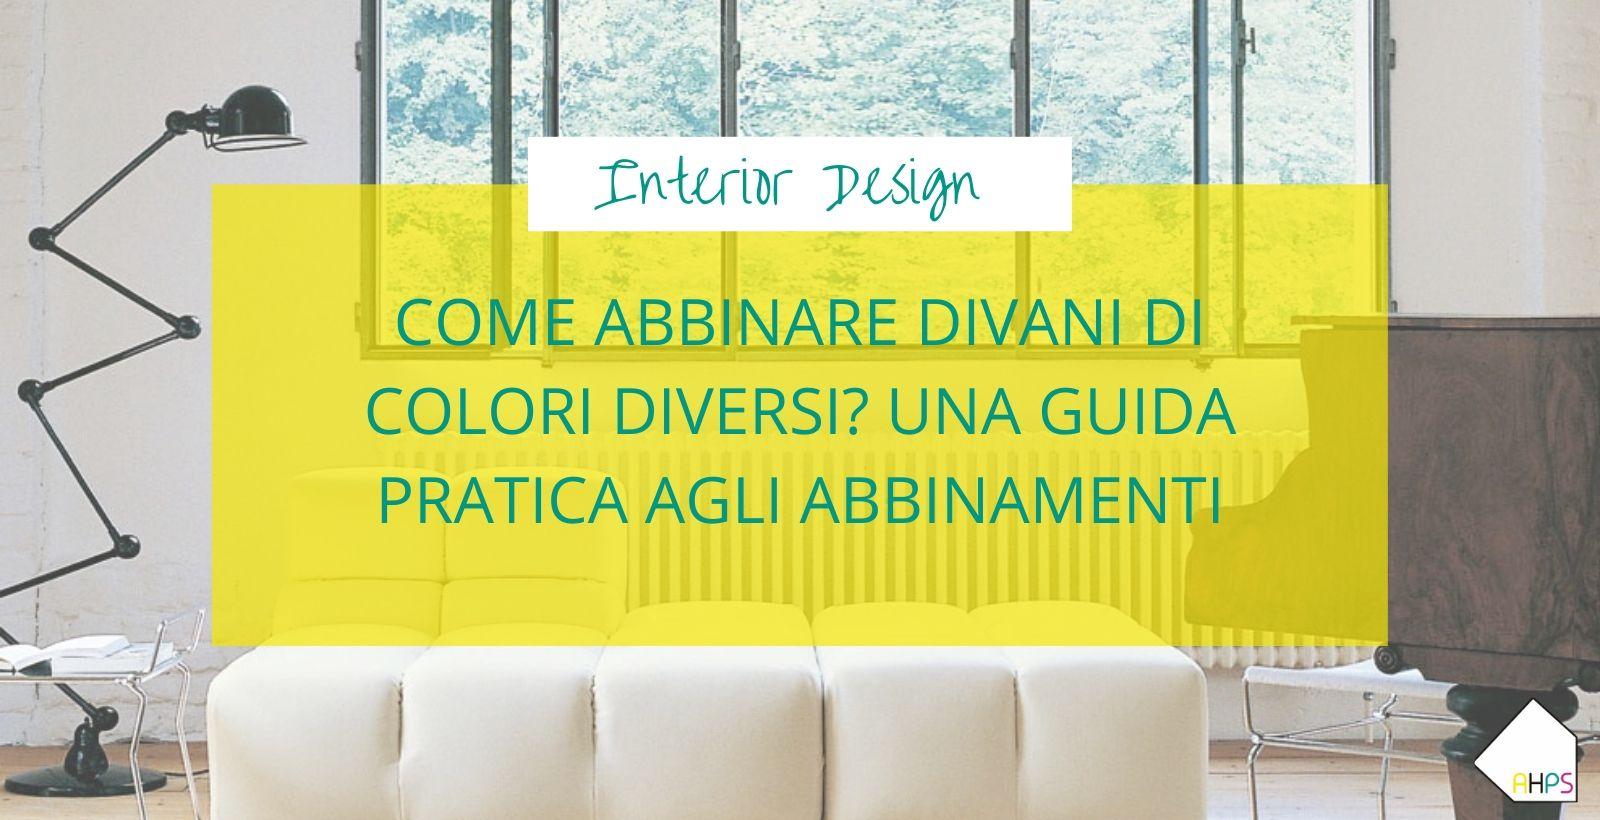 abbinare divani di colori diversi copertina